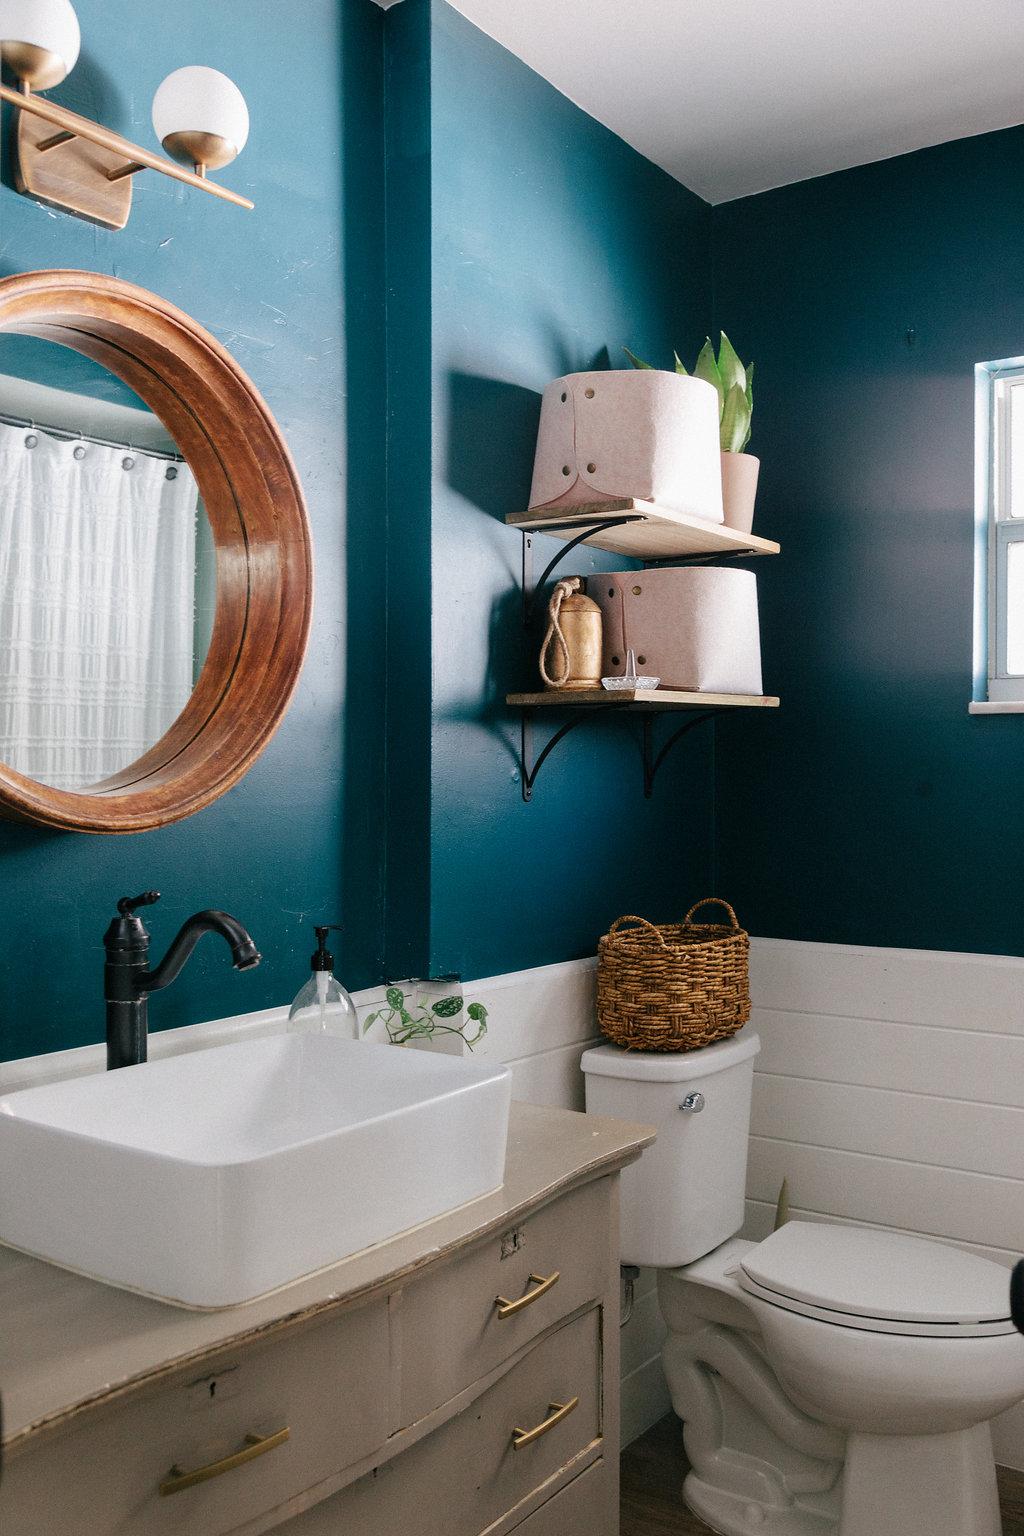 Orlando Interior Design Home Renovation